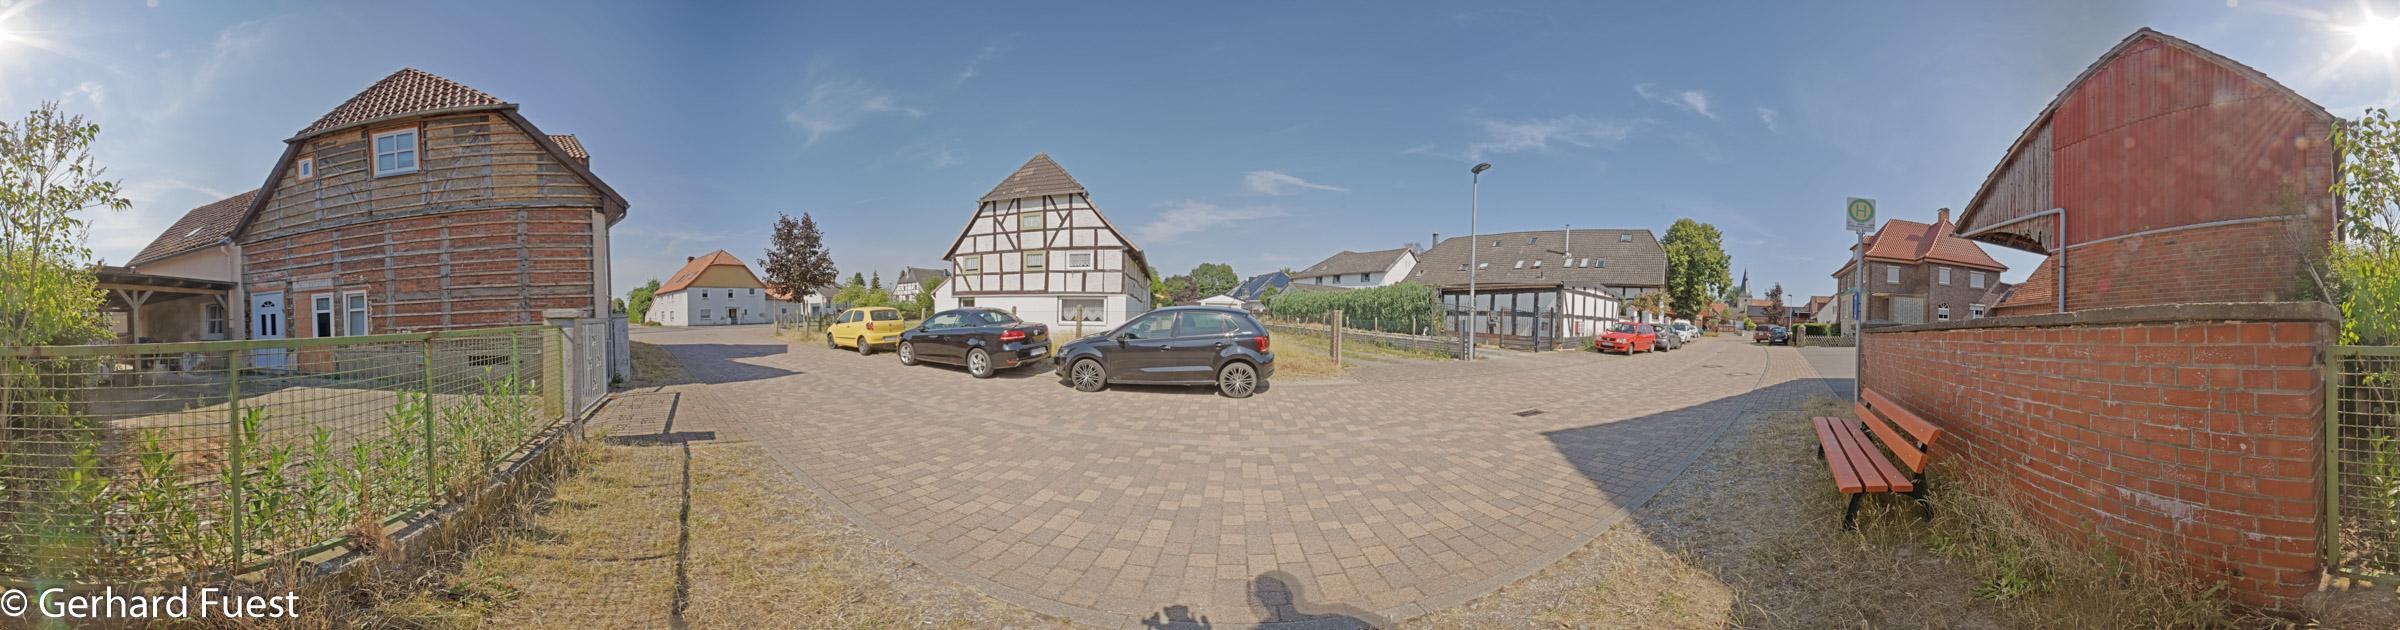 Adensen, Heimatpflege, Panoramen Strasse Adenoyser Str.